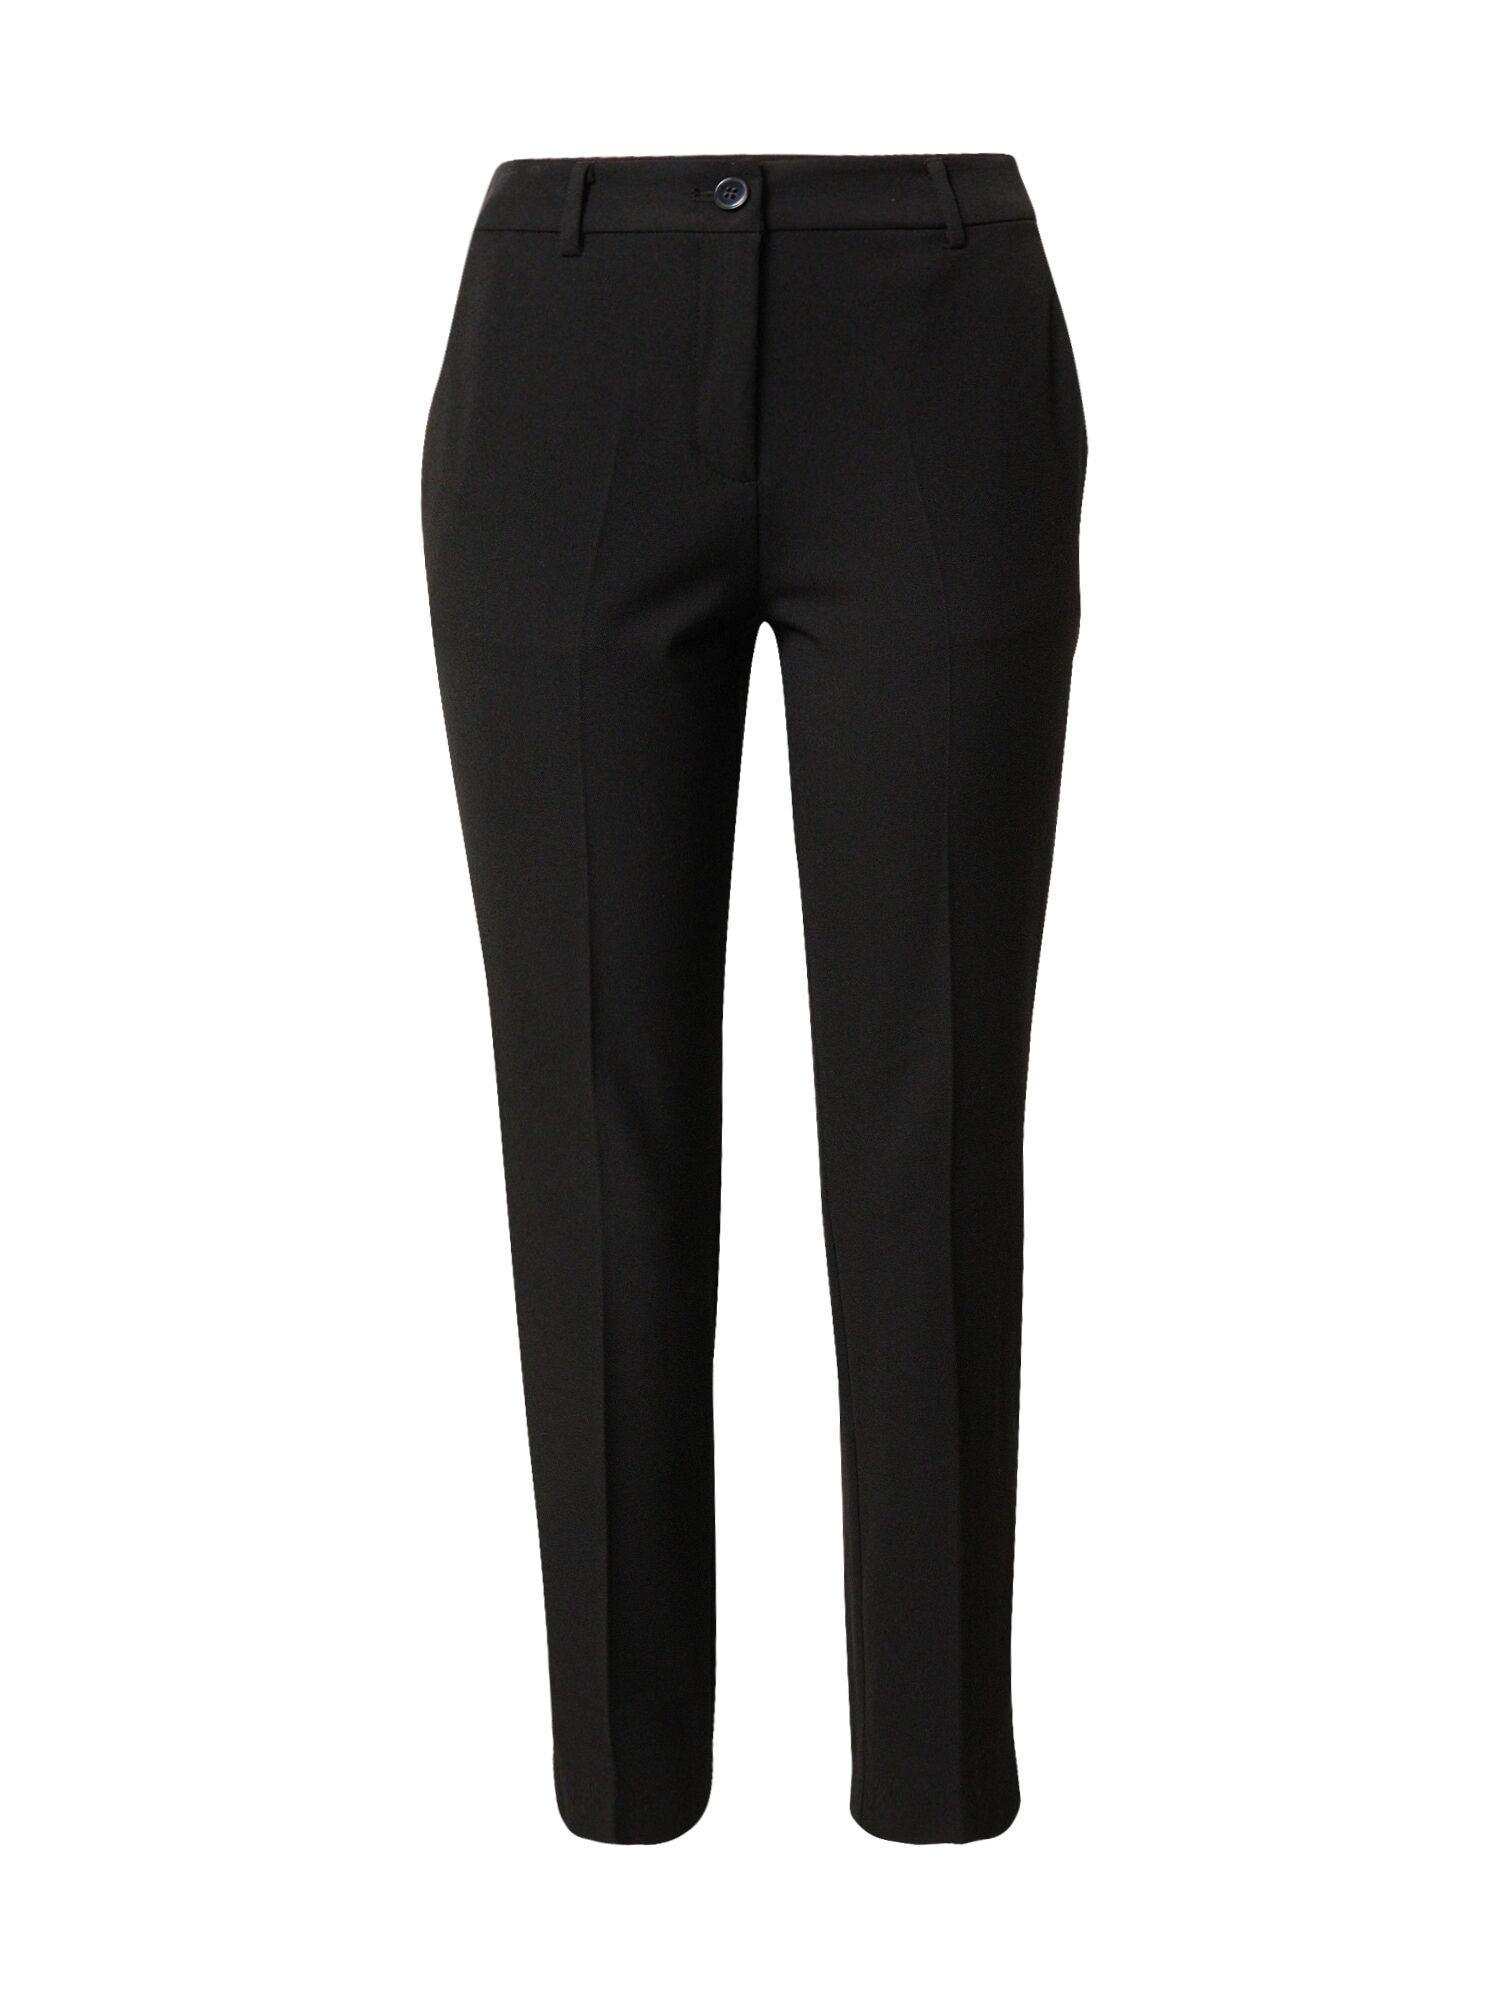 MINE TO FIVE Pantalon à plis  - Noir - Taille: 36 - female